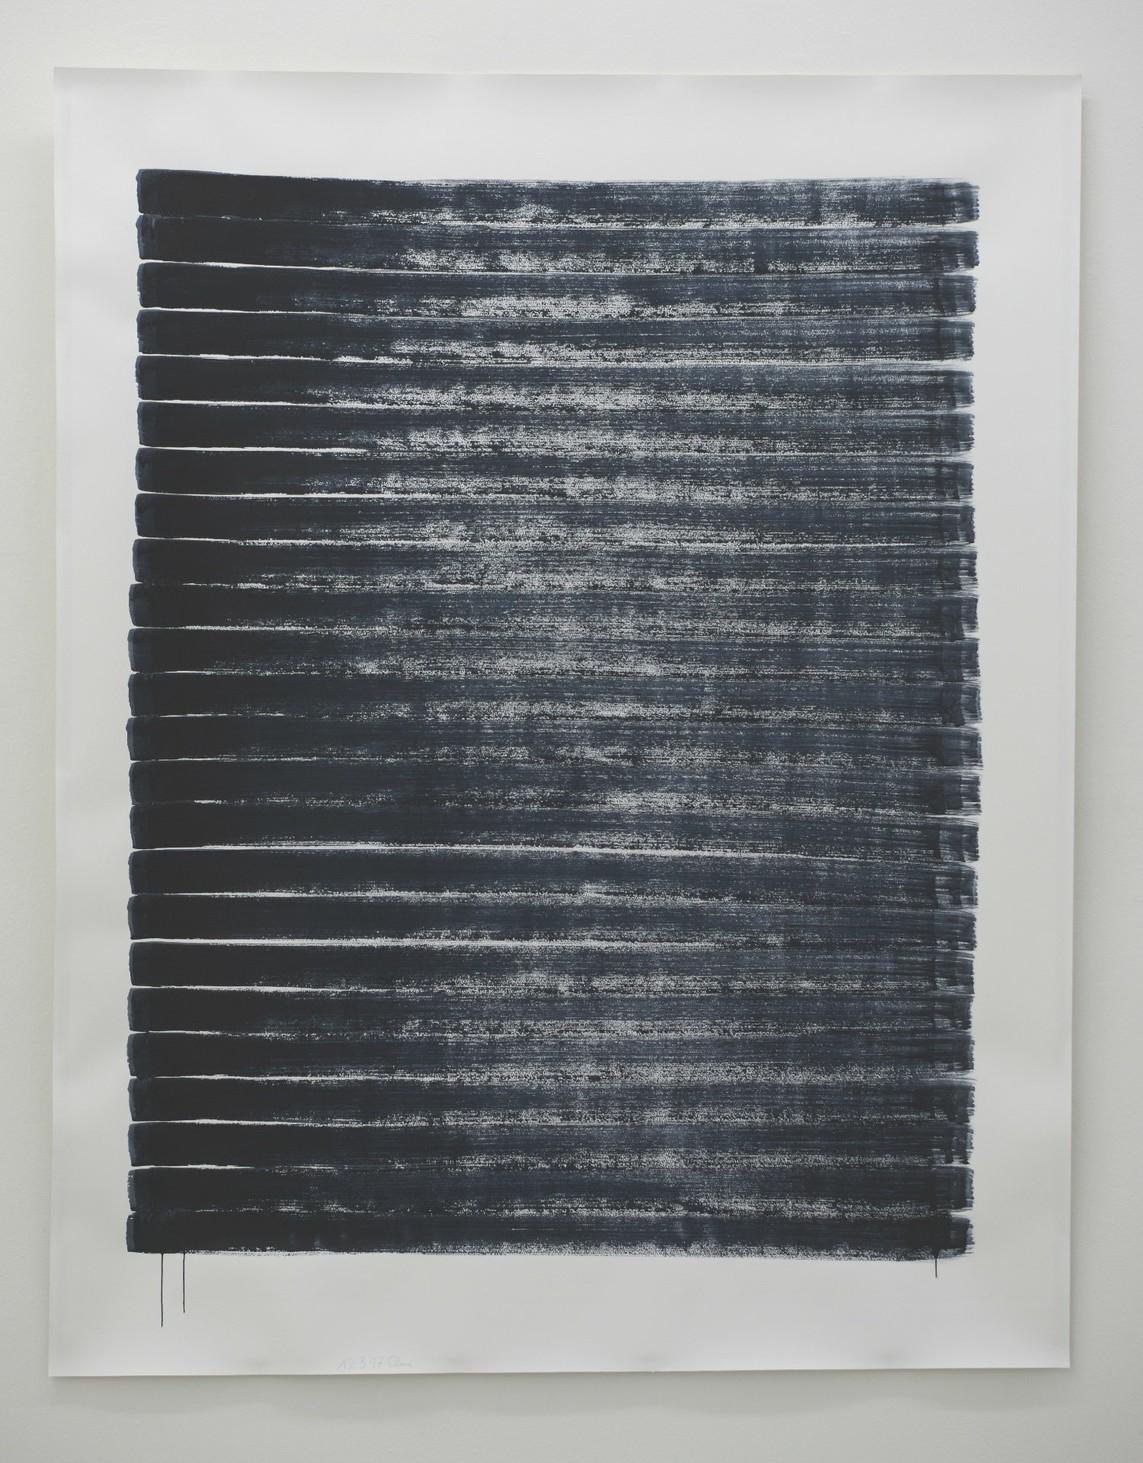 o.T. (12.3.17), Aquarell auf Papier, 2017, 193 x 152 cm